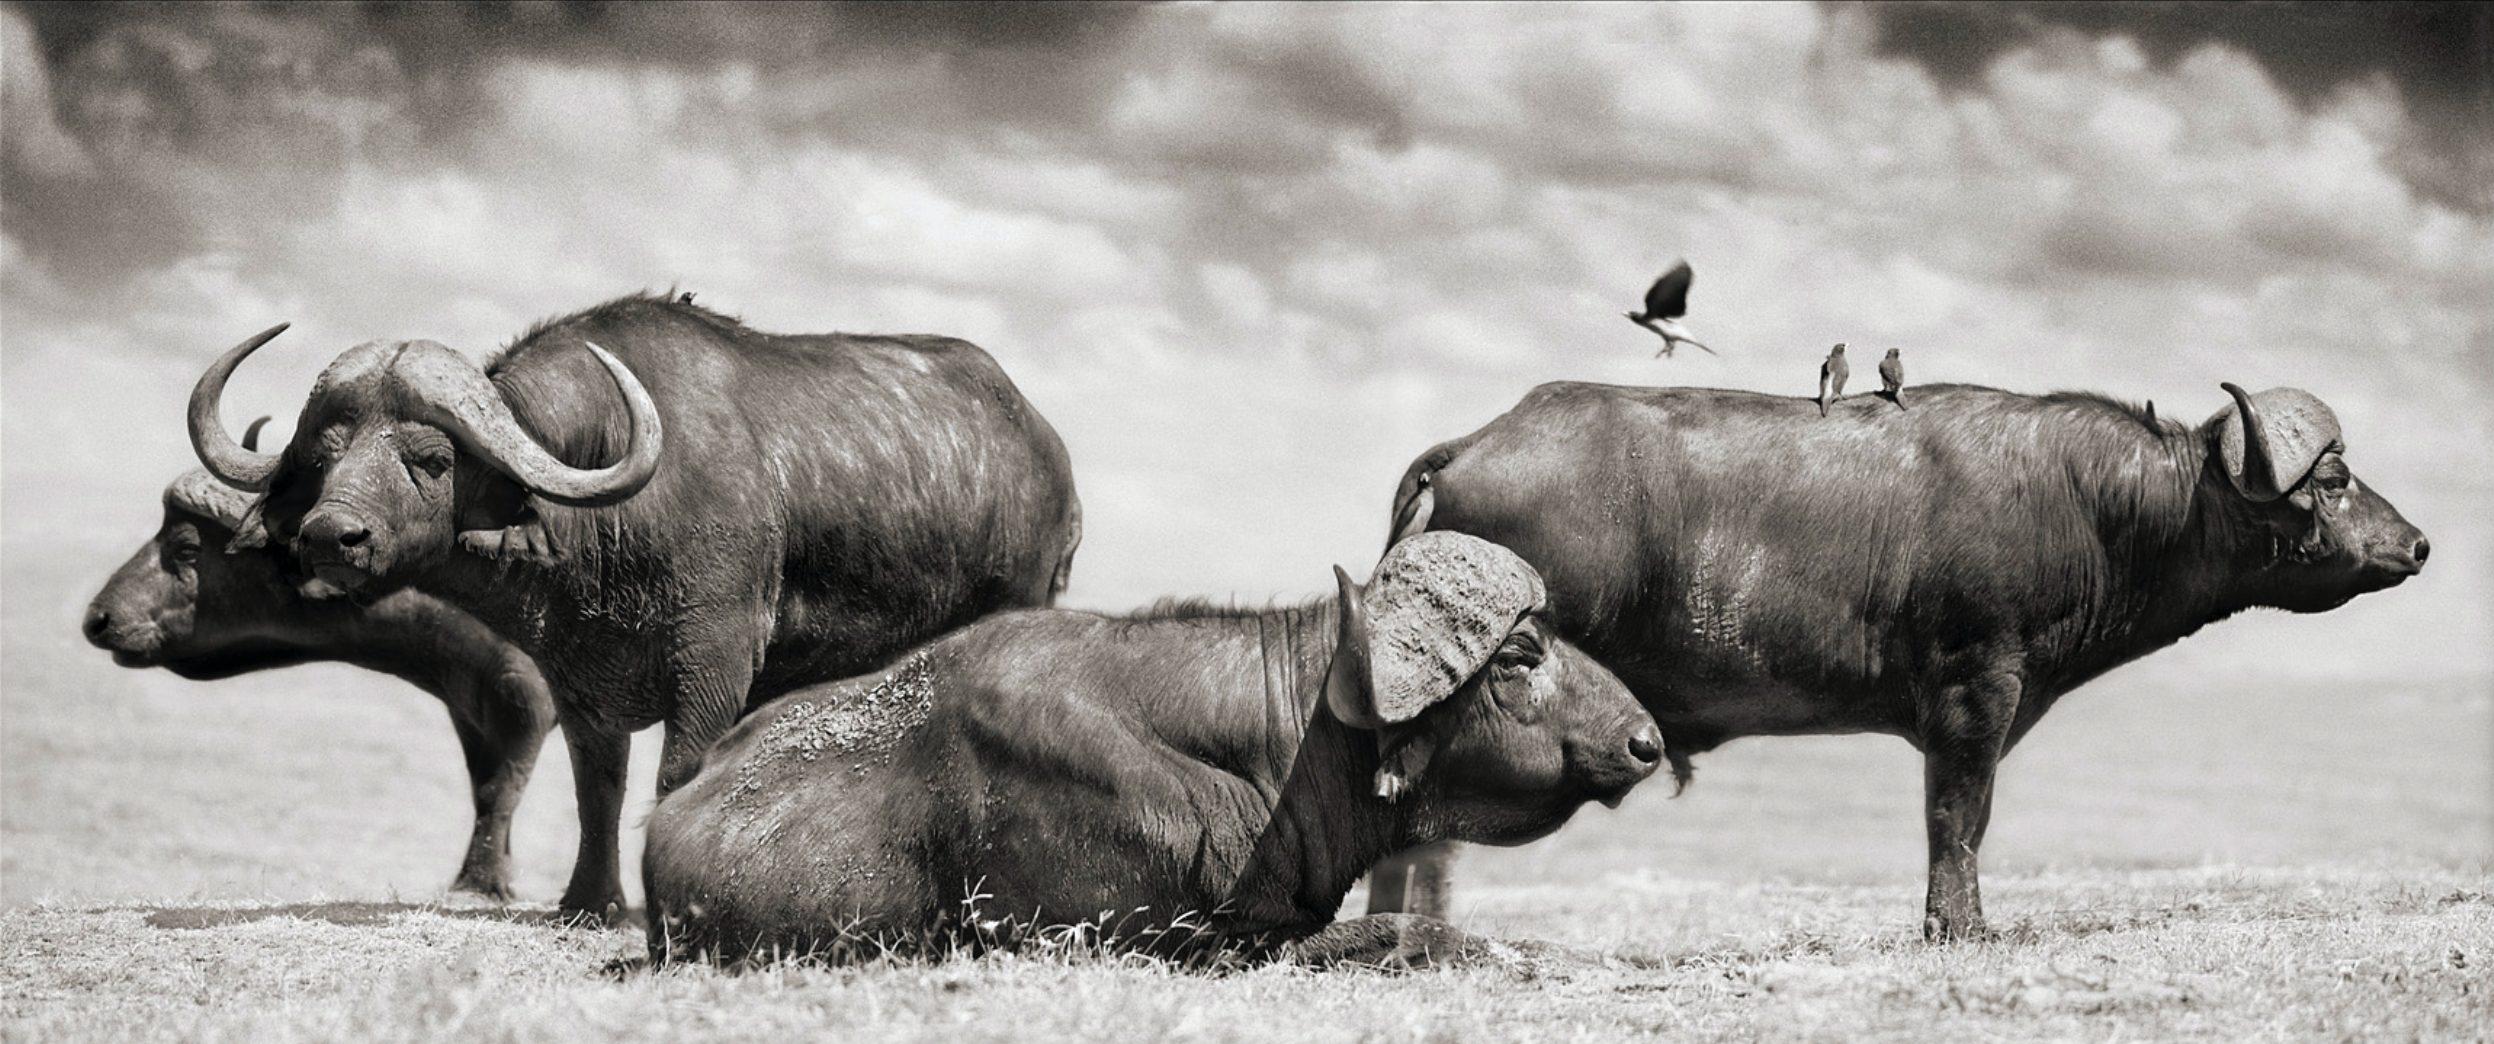 Buffalo Group Portrait, Amboseli